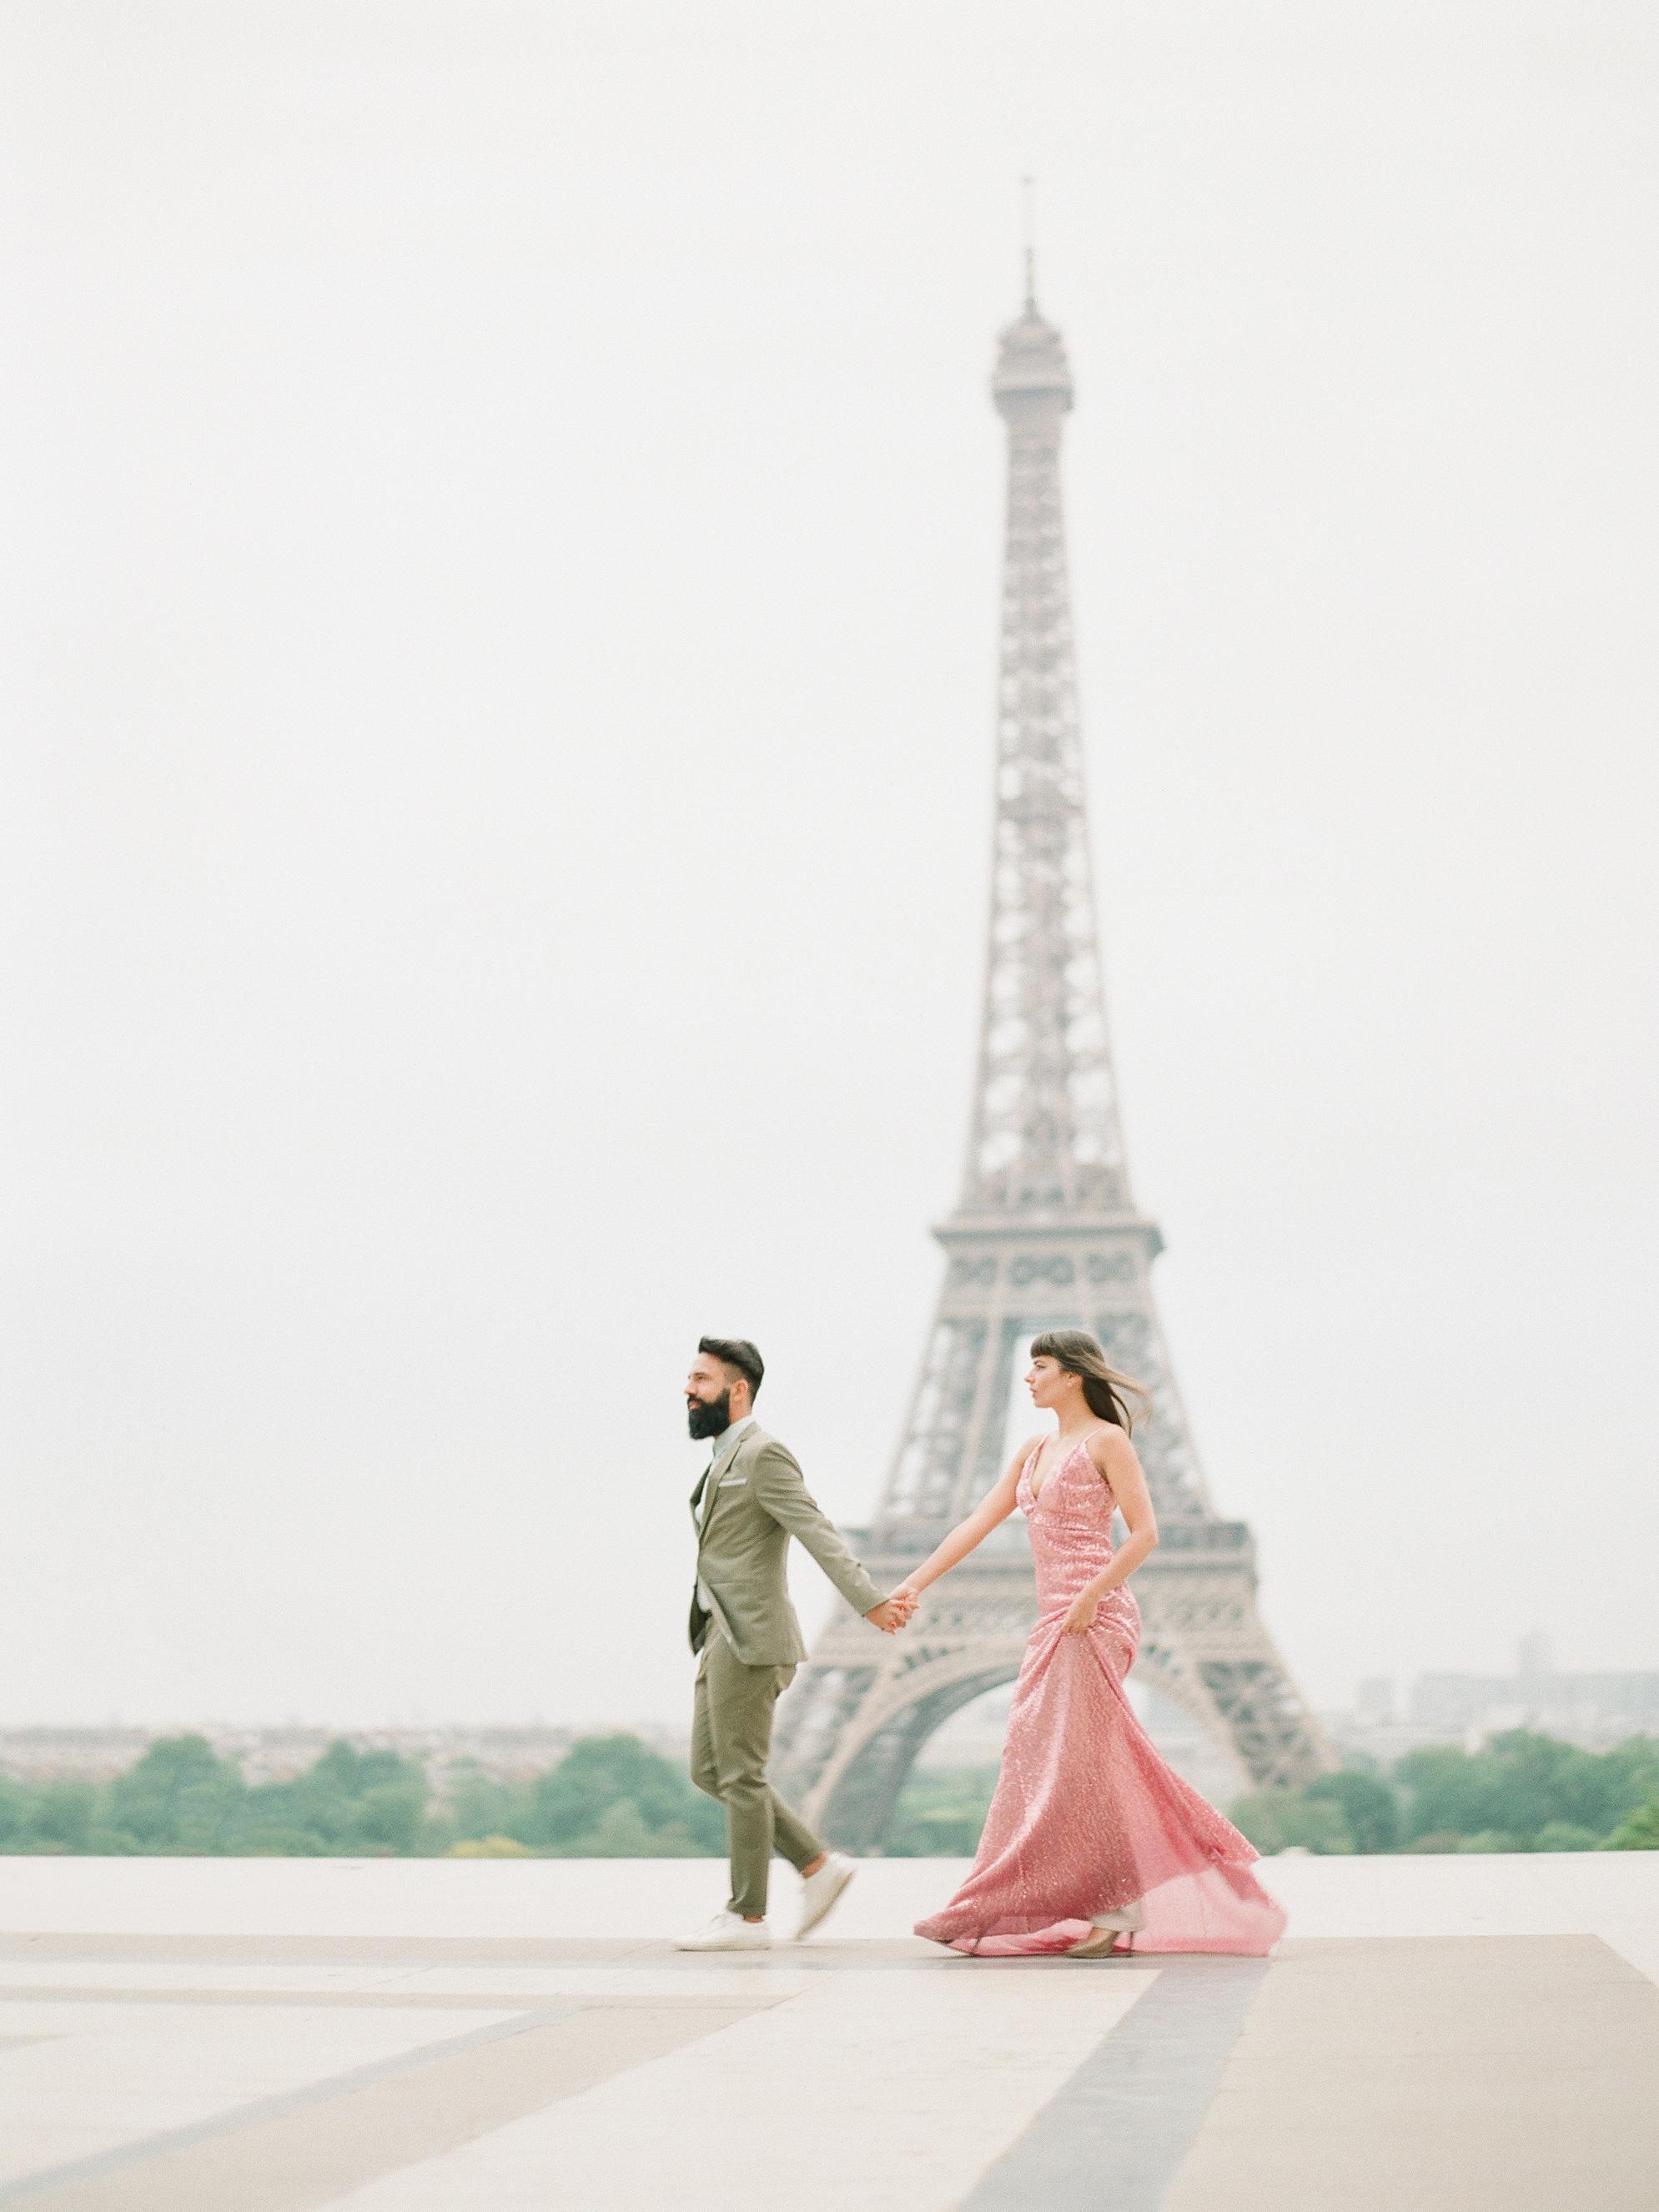 J+A :: paris, France    portrait